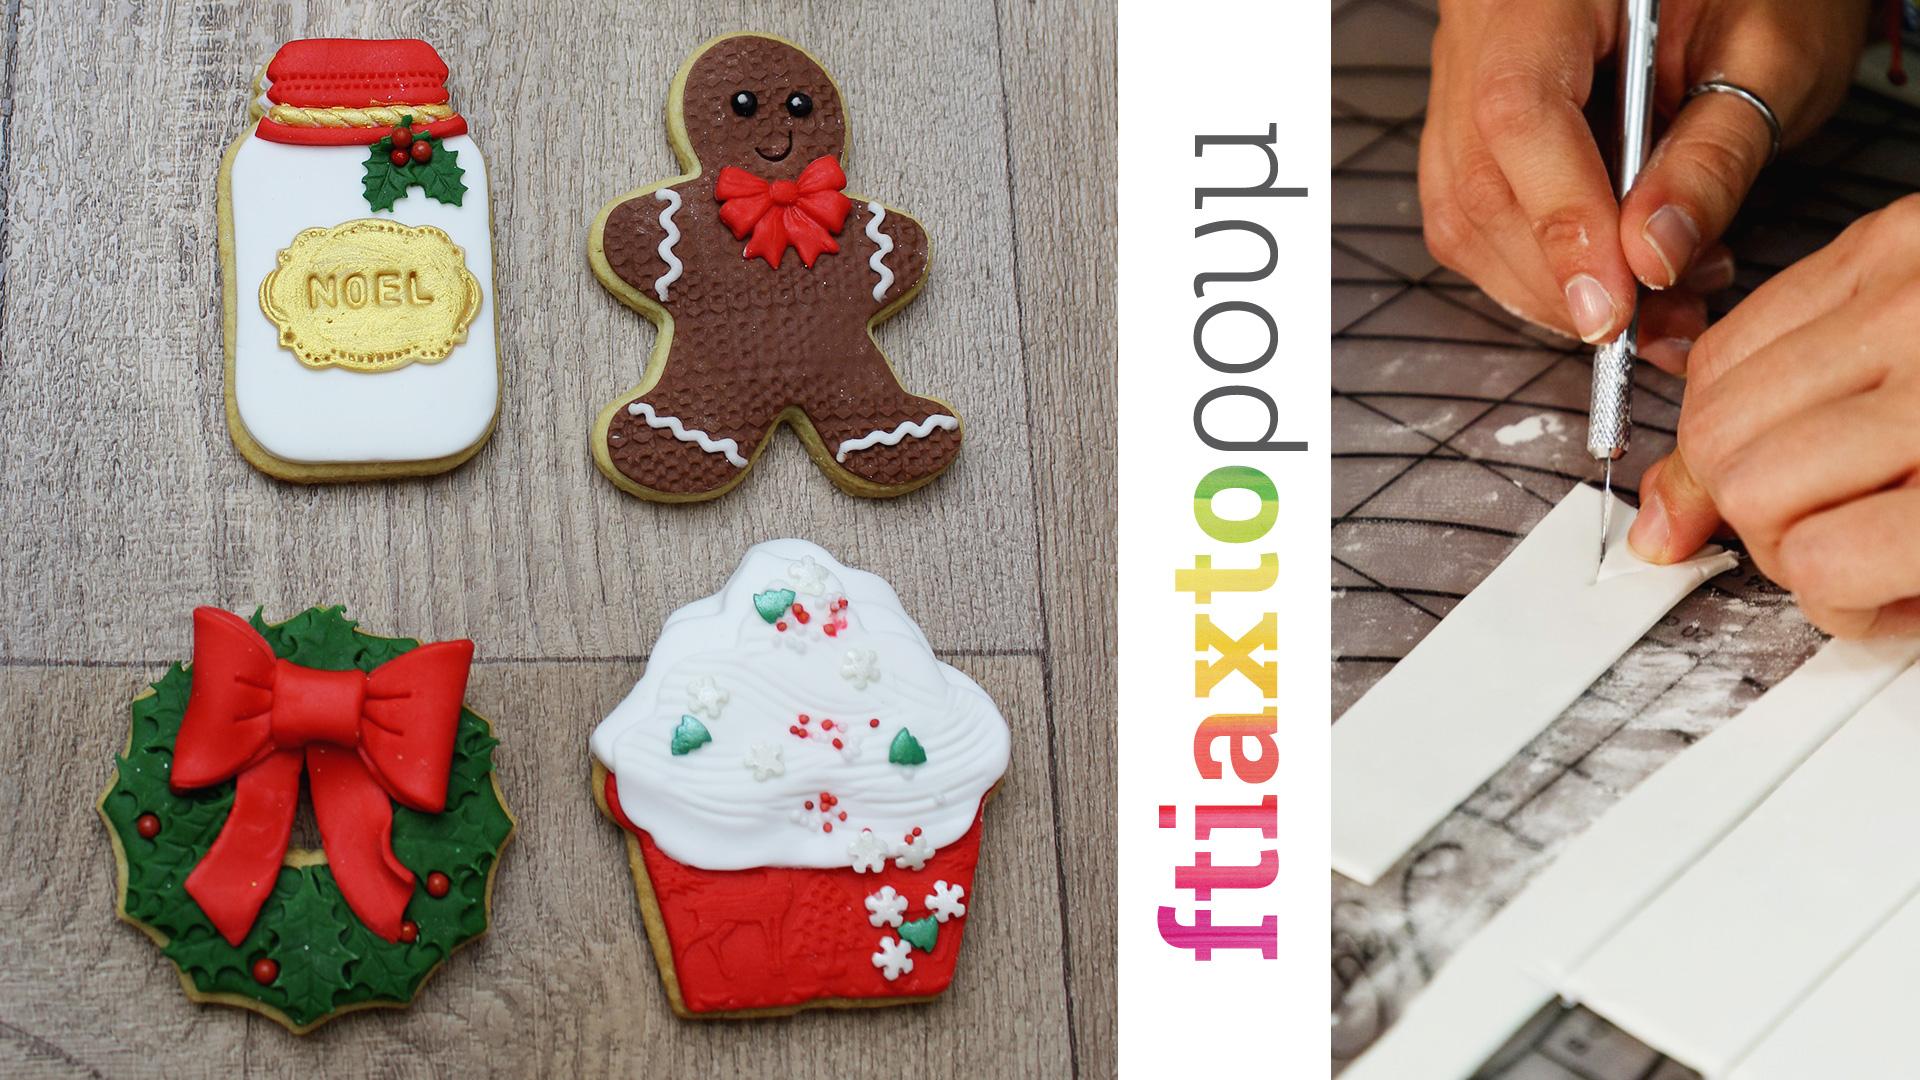 Διακόσμηση χριστουγεννιάτικων μπισκότων (επίπεδο 2)